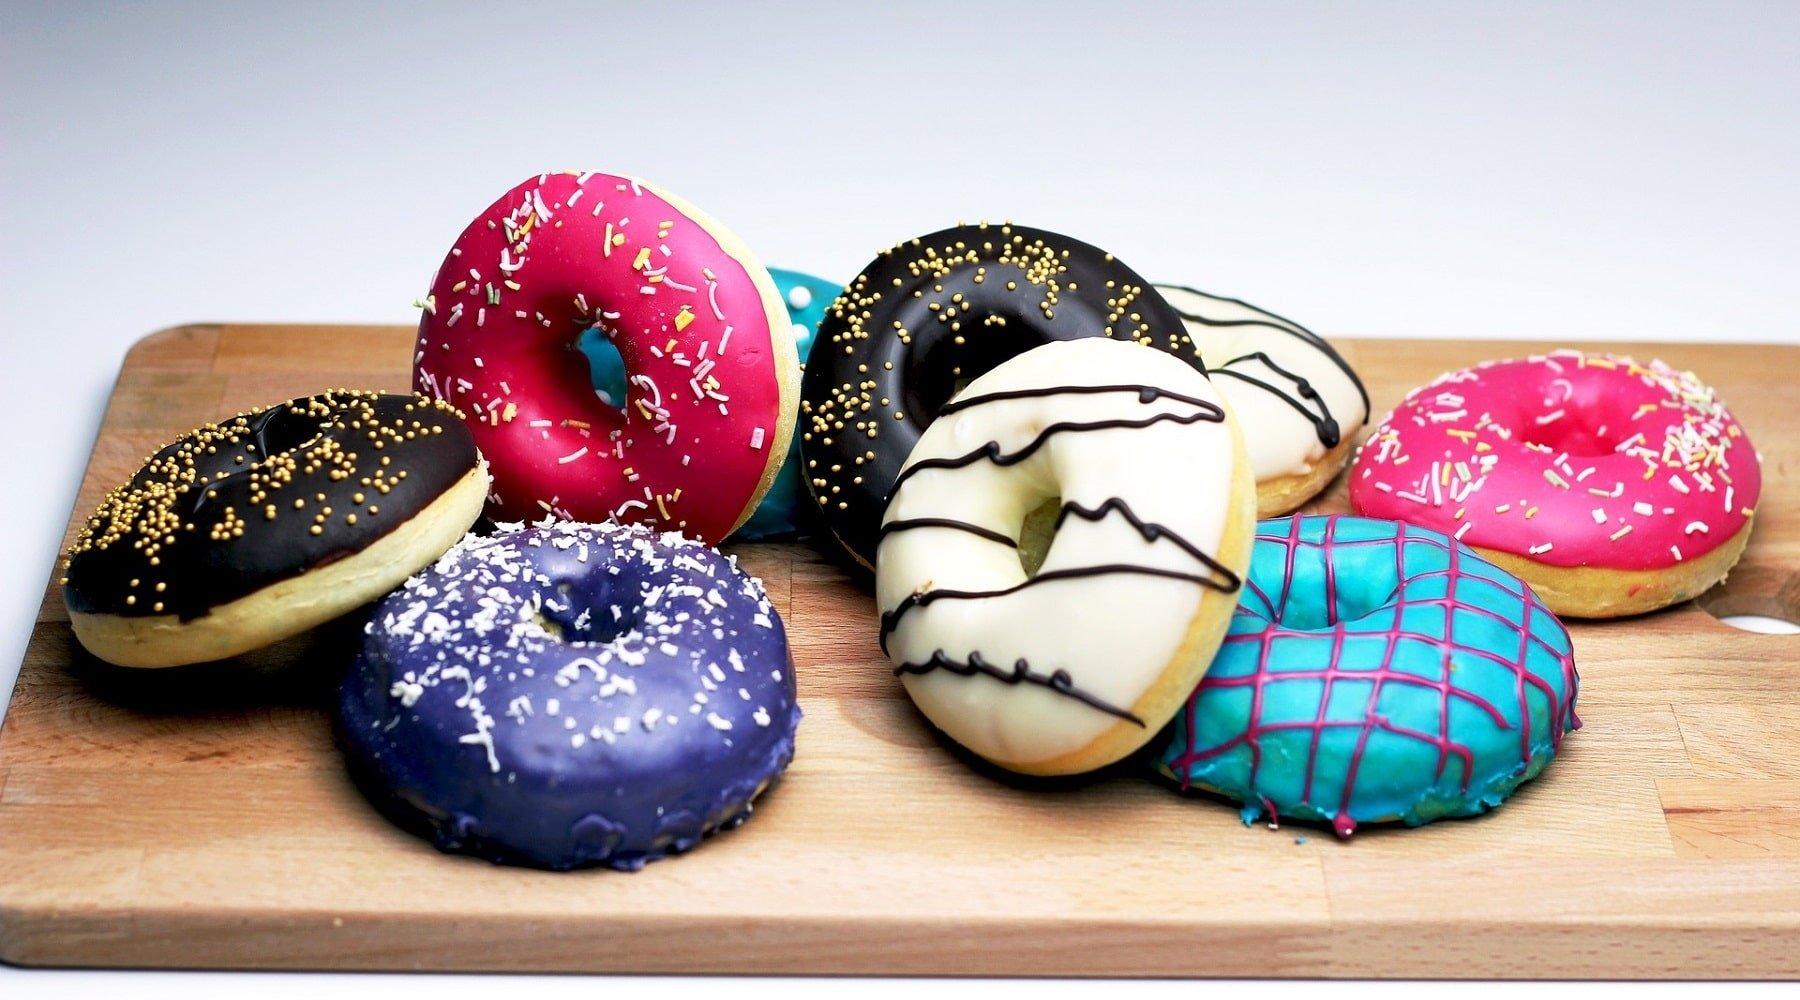 ¿Qué es una dieta baja en azúcar? | Consejos para reducir la ingesta de azúcar